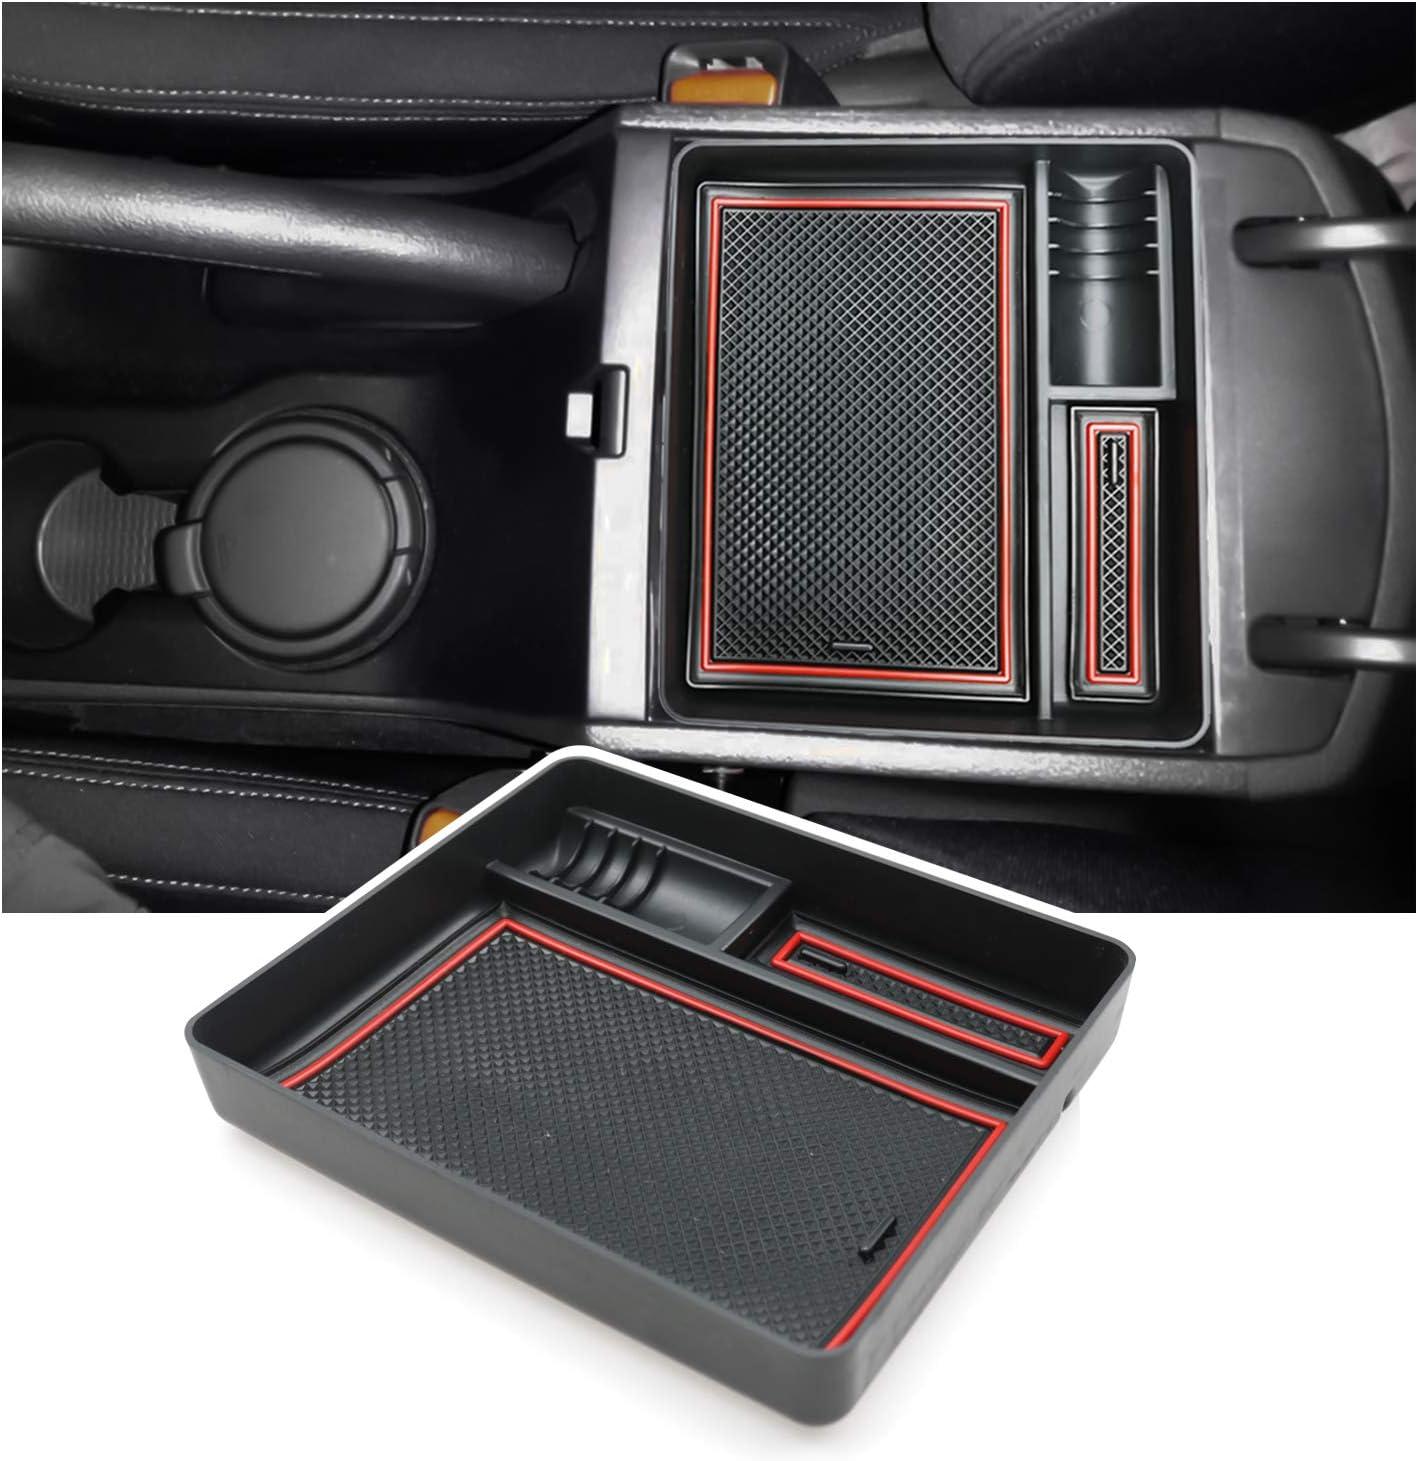 Ruiya Für Tucson Mittelkonsole Aufbewahrungsbox Armlehne Organizer Tray Tablett Auto Zubehör Manuelle Bremsversion Auto